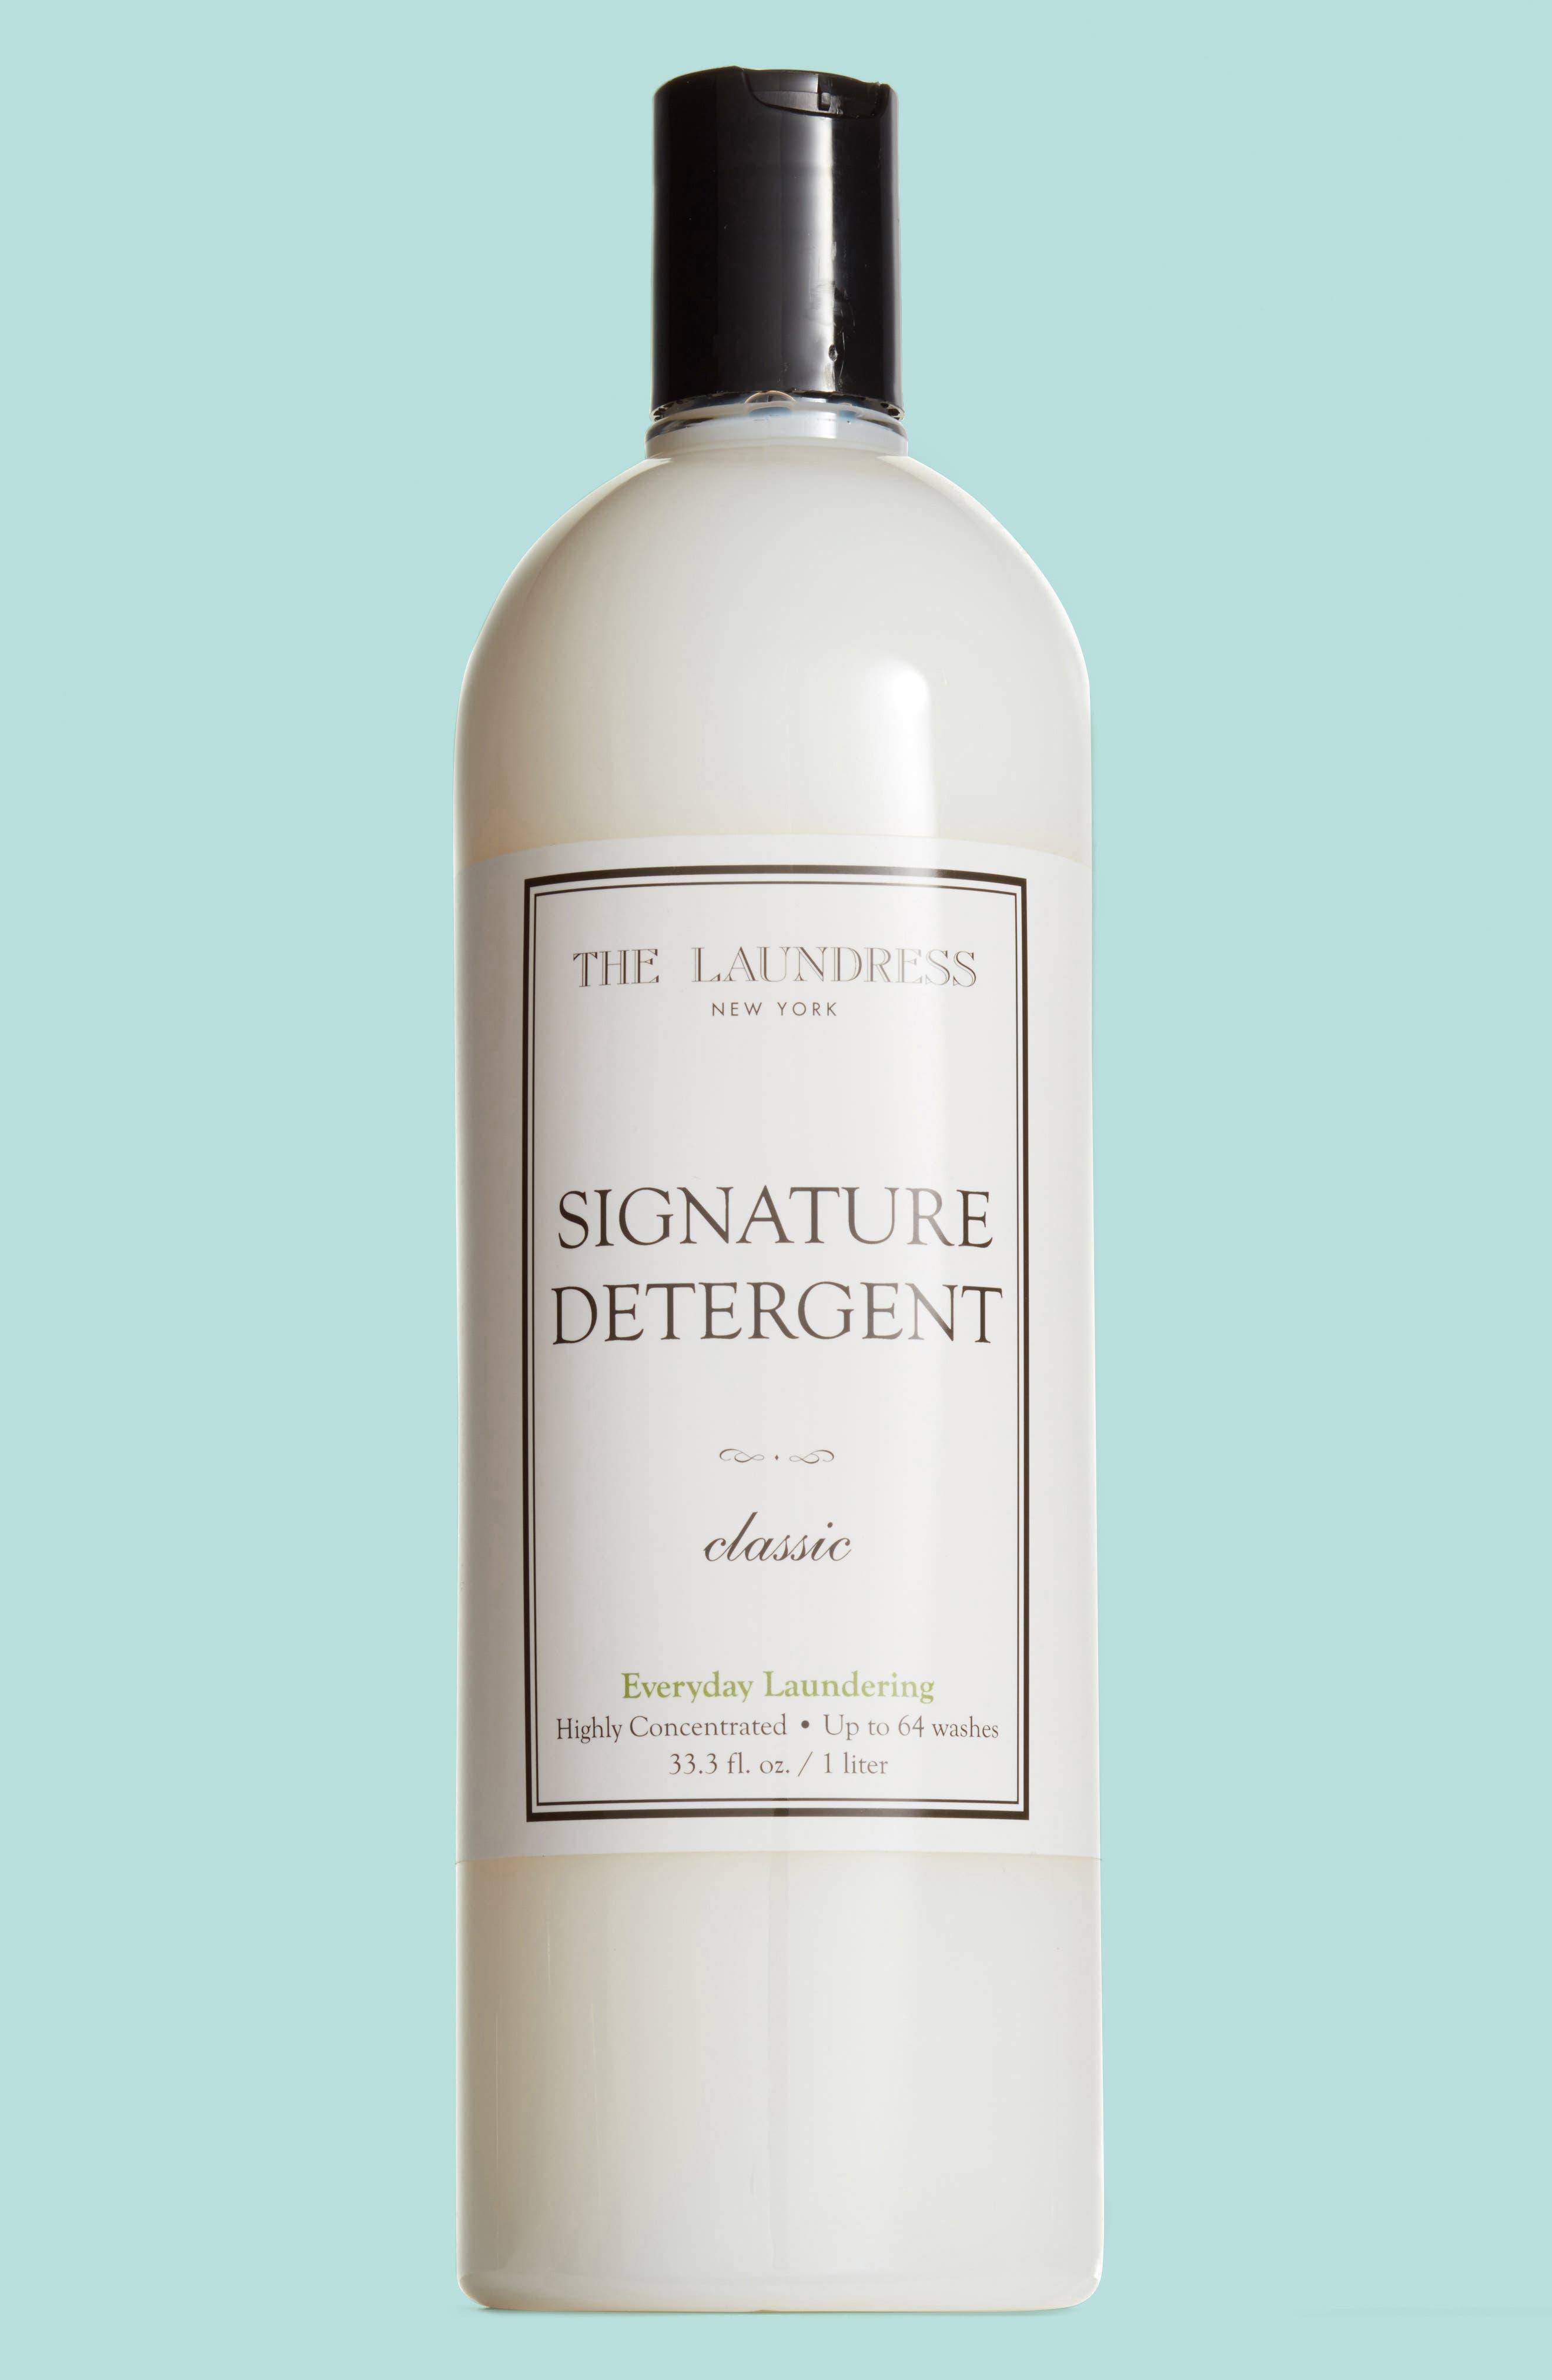 The Laundress Classic Signature Detergent